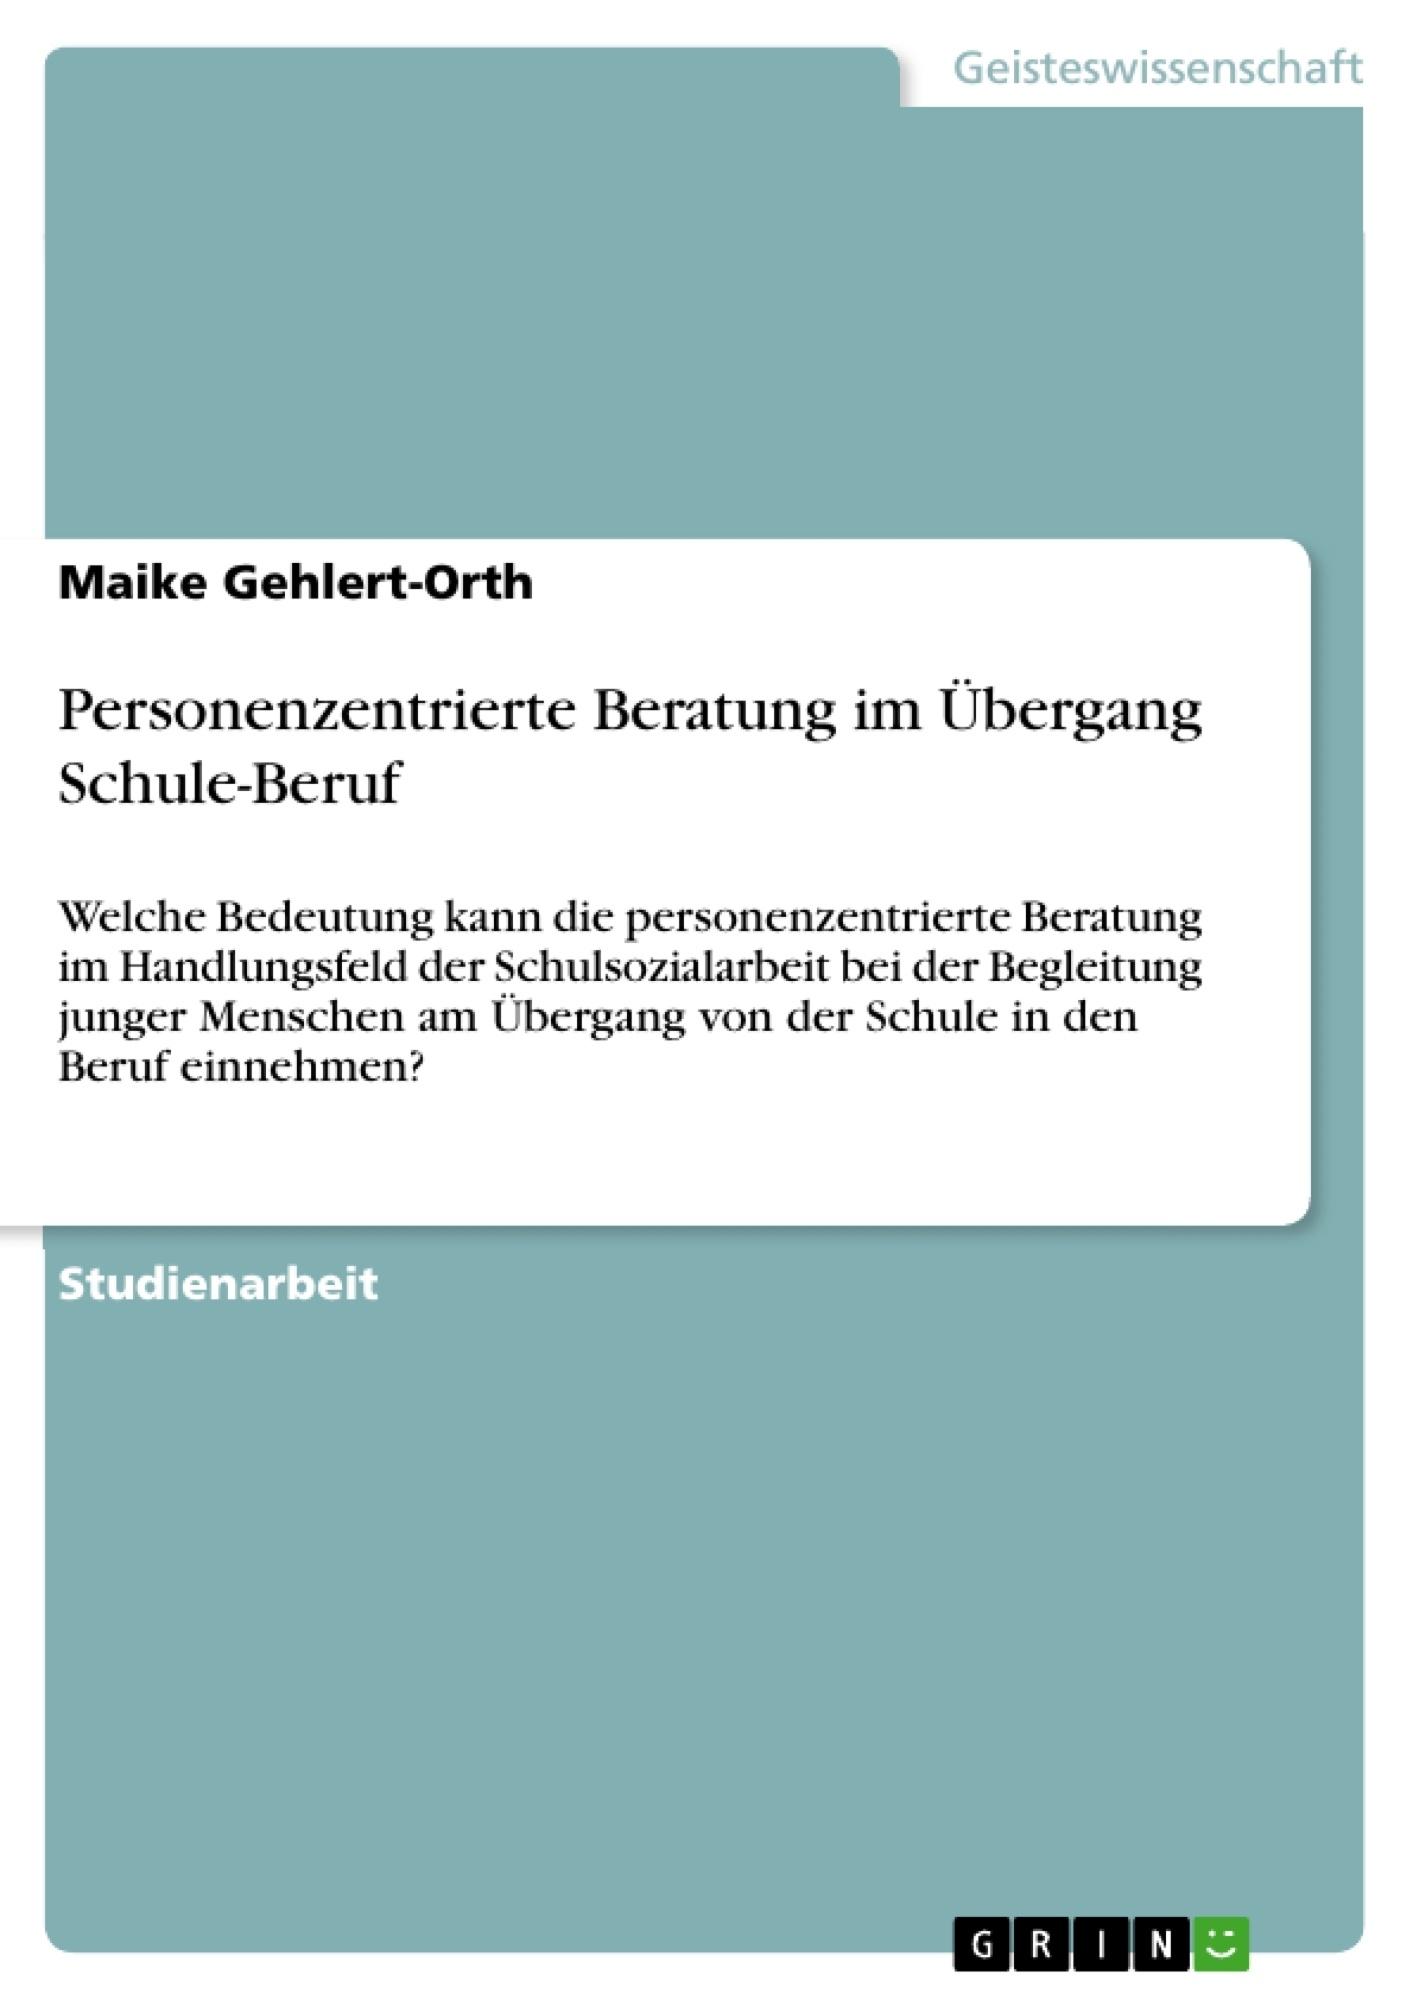 Titel: Personenzentrierte Beratung im Übergang Schule-Beruf